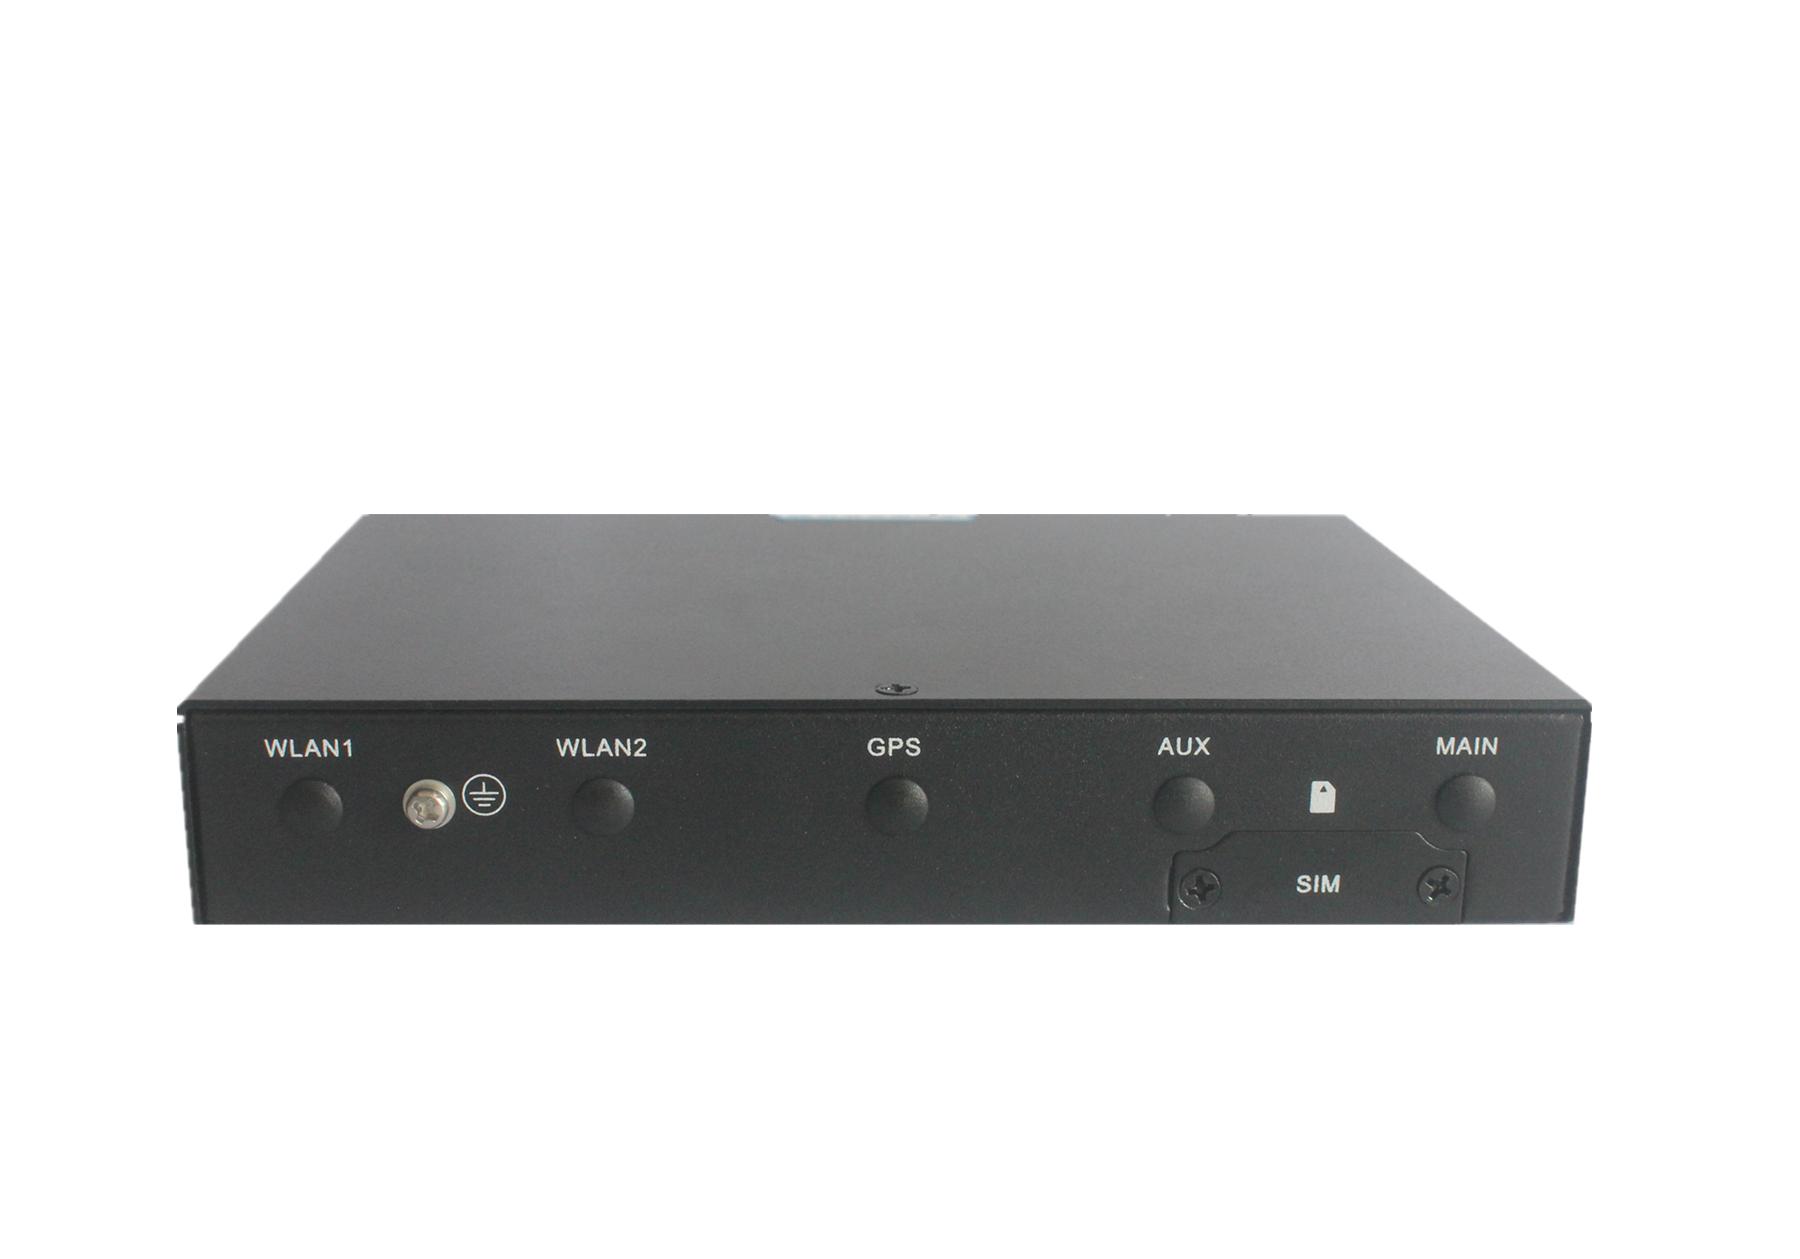 R4600 Load balance Router Wavetel-Back